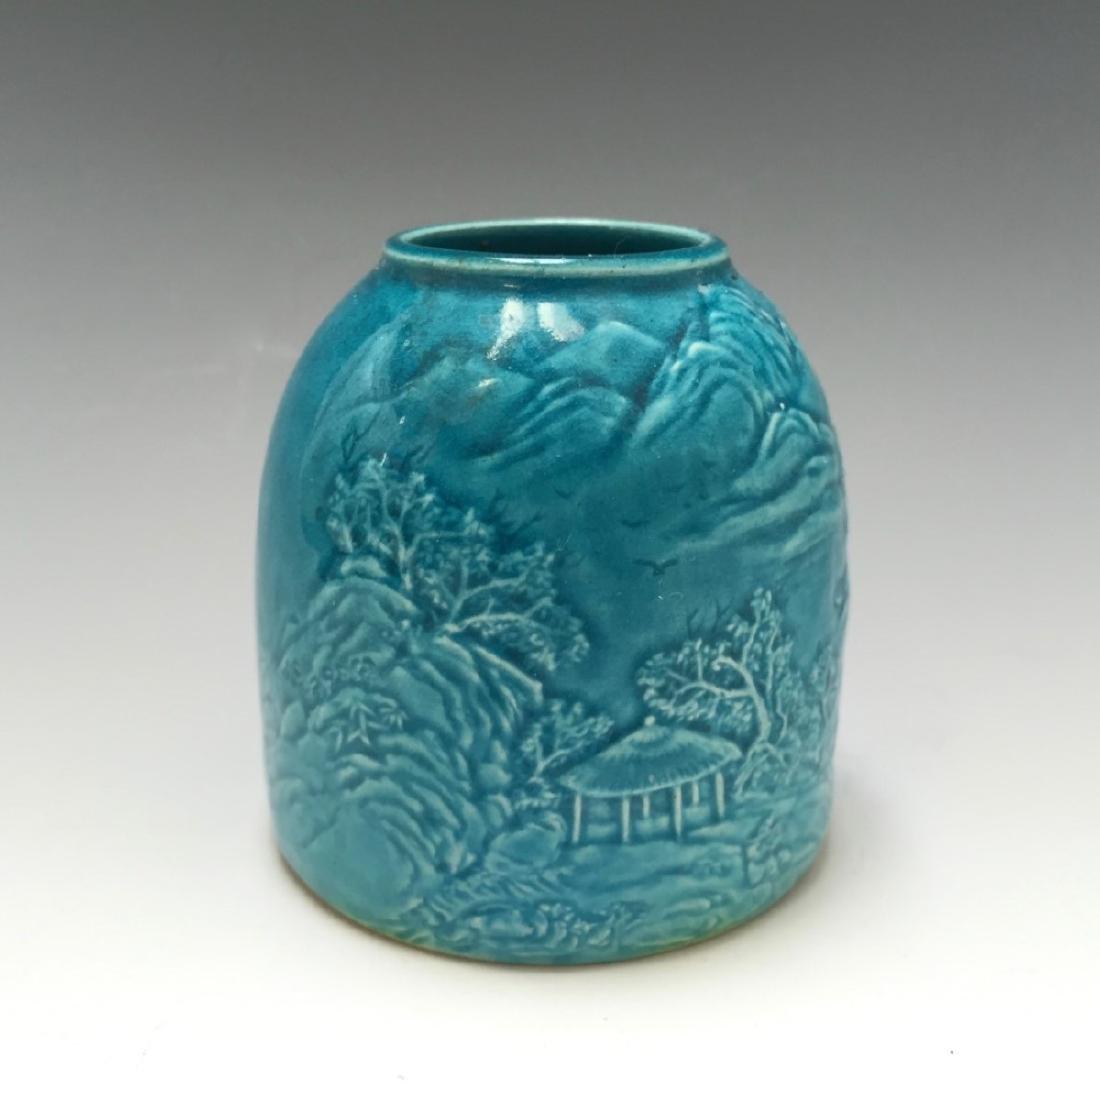 A BLUE GLAZED PORCELAIN WATER DROPPER, REPUBLIC PERIOD